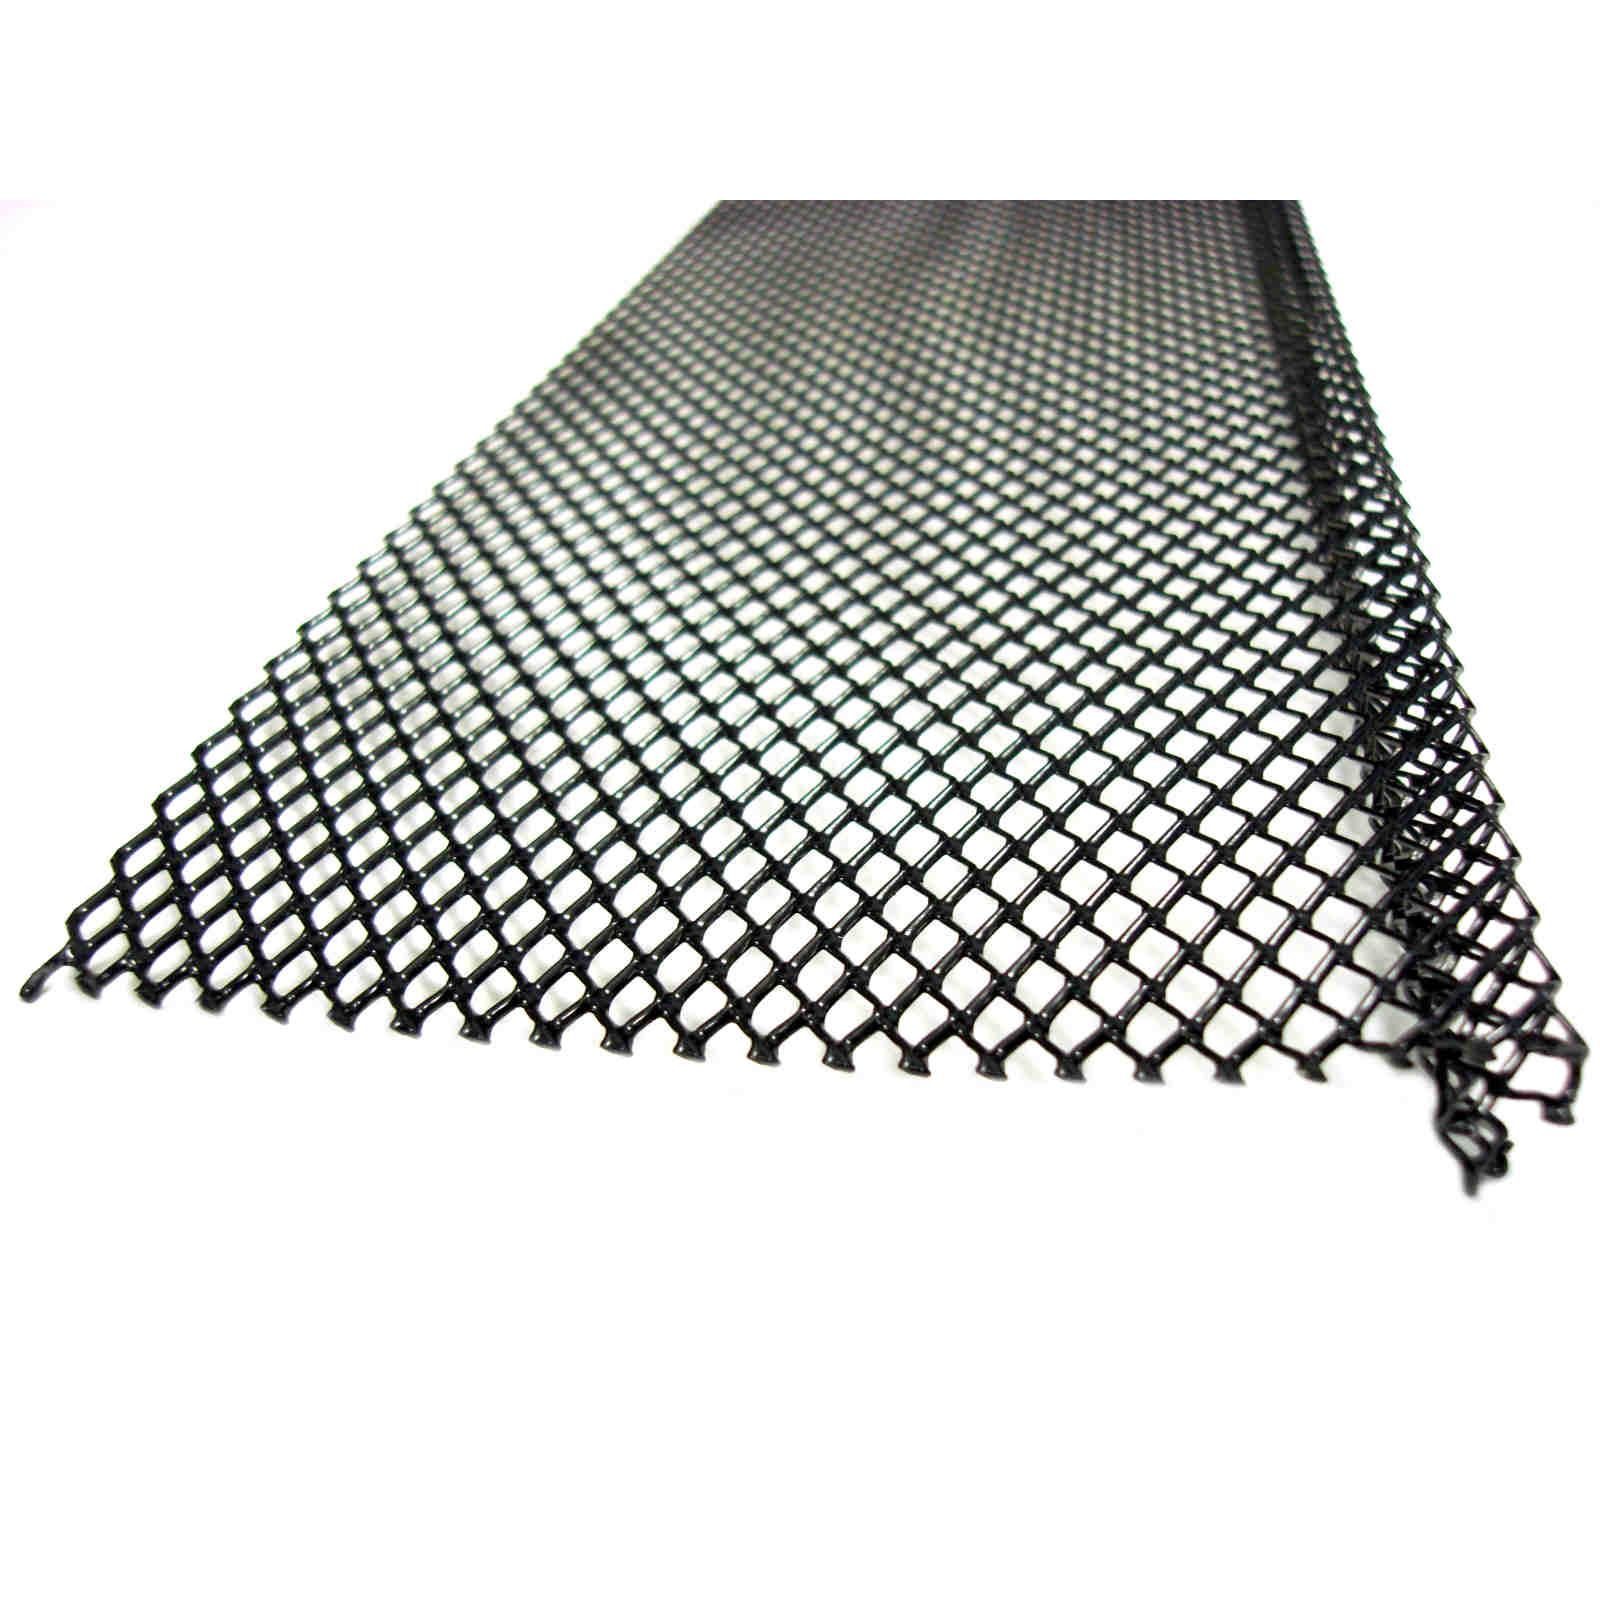 US Aluminum Inc. Ultra Flo Gutter Guard from BuyMBS.com